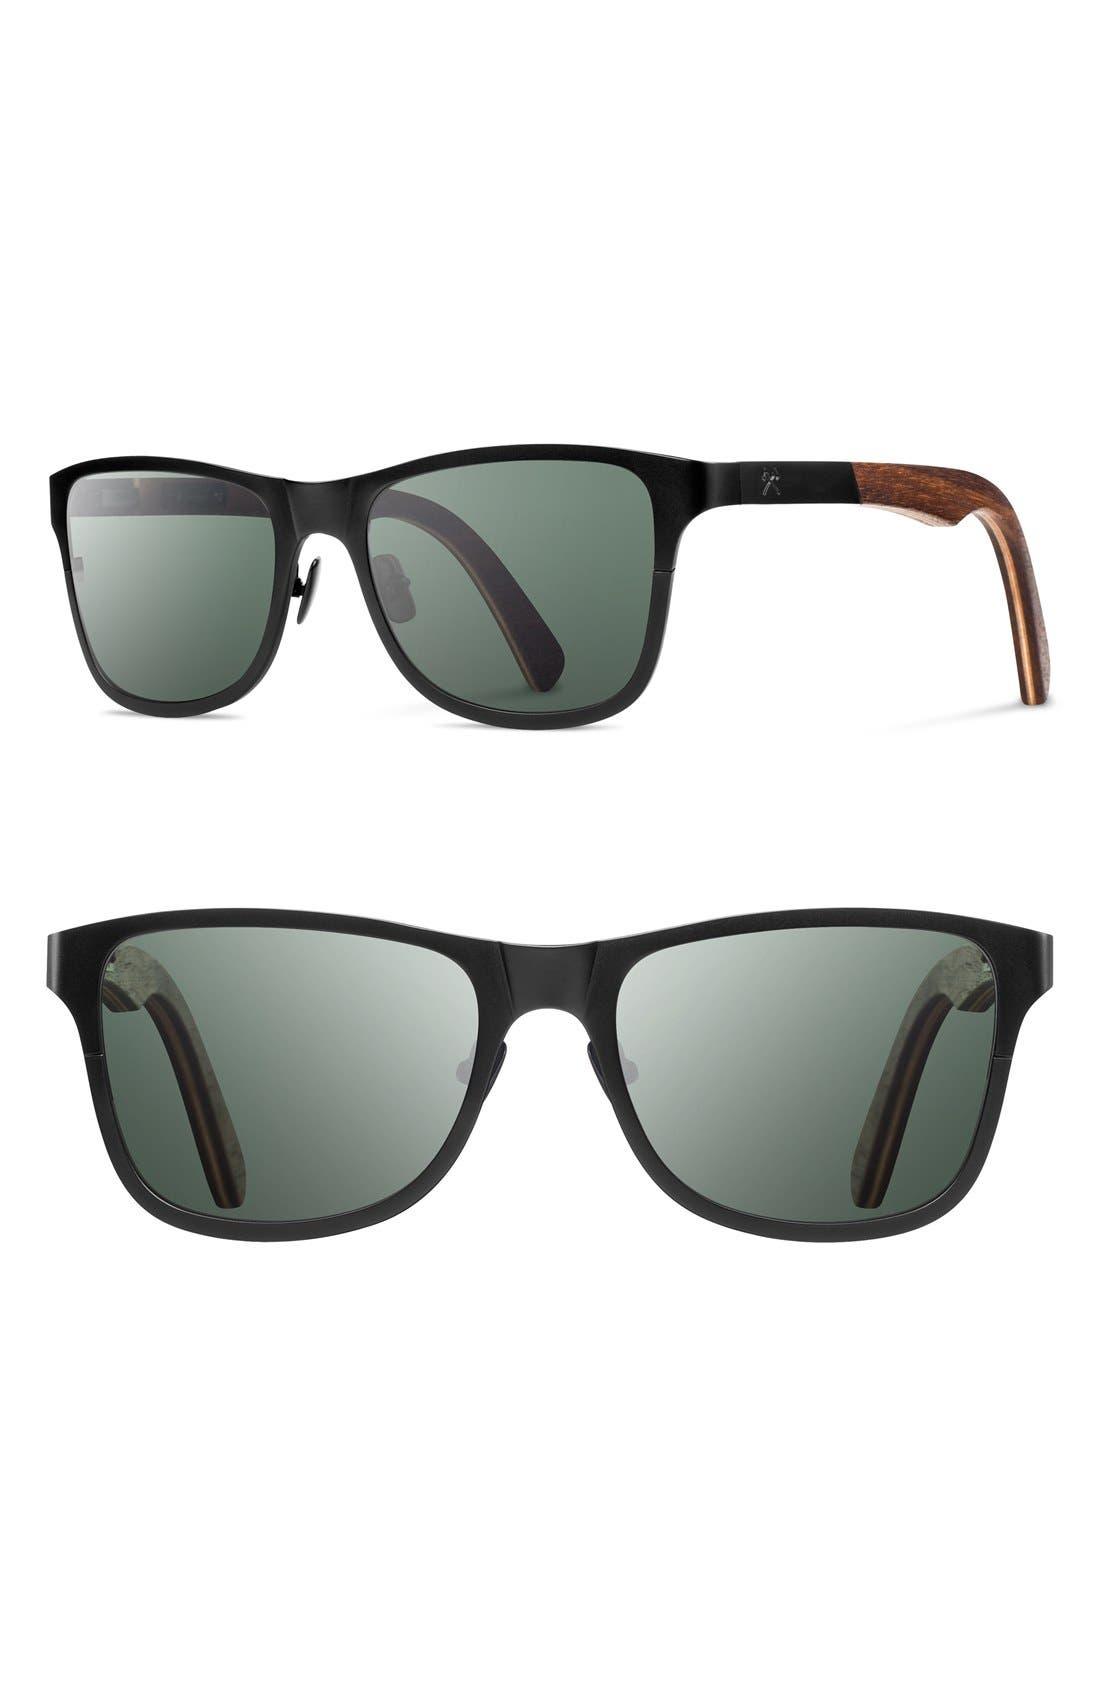 Shwood 'Canby' 54mm Polarized Titanium & Wood Sunglasses